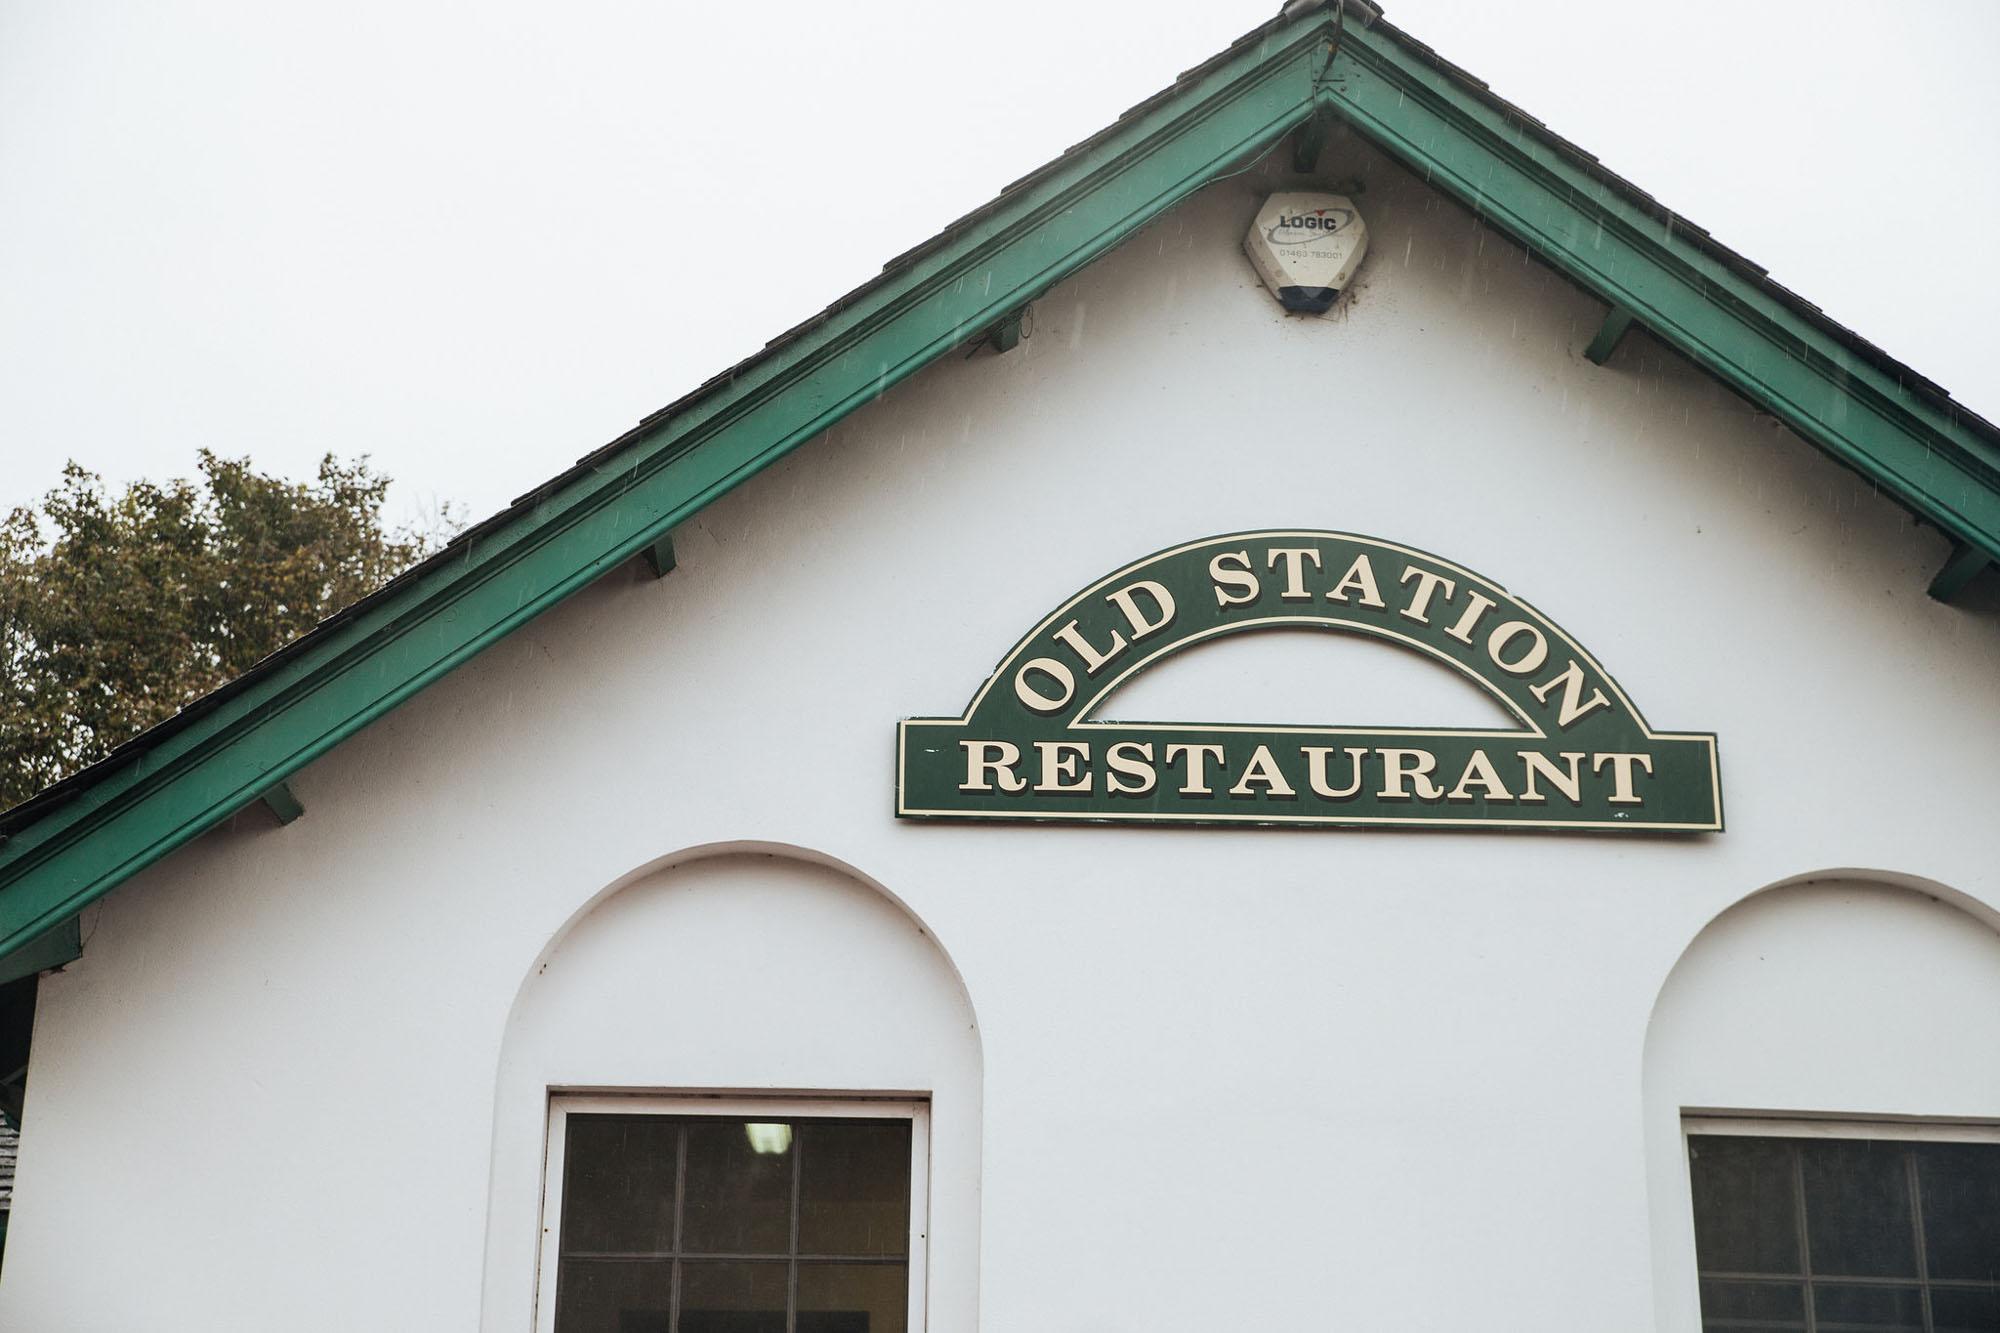 Old Station Restaurant Spean Bridge